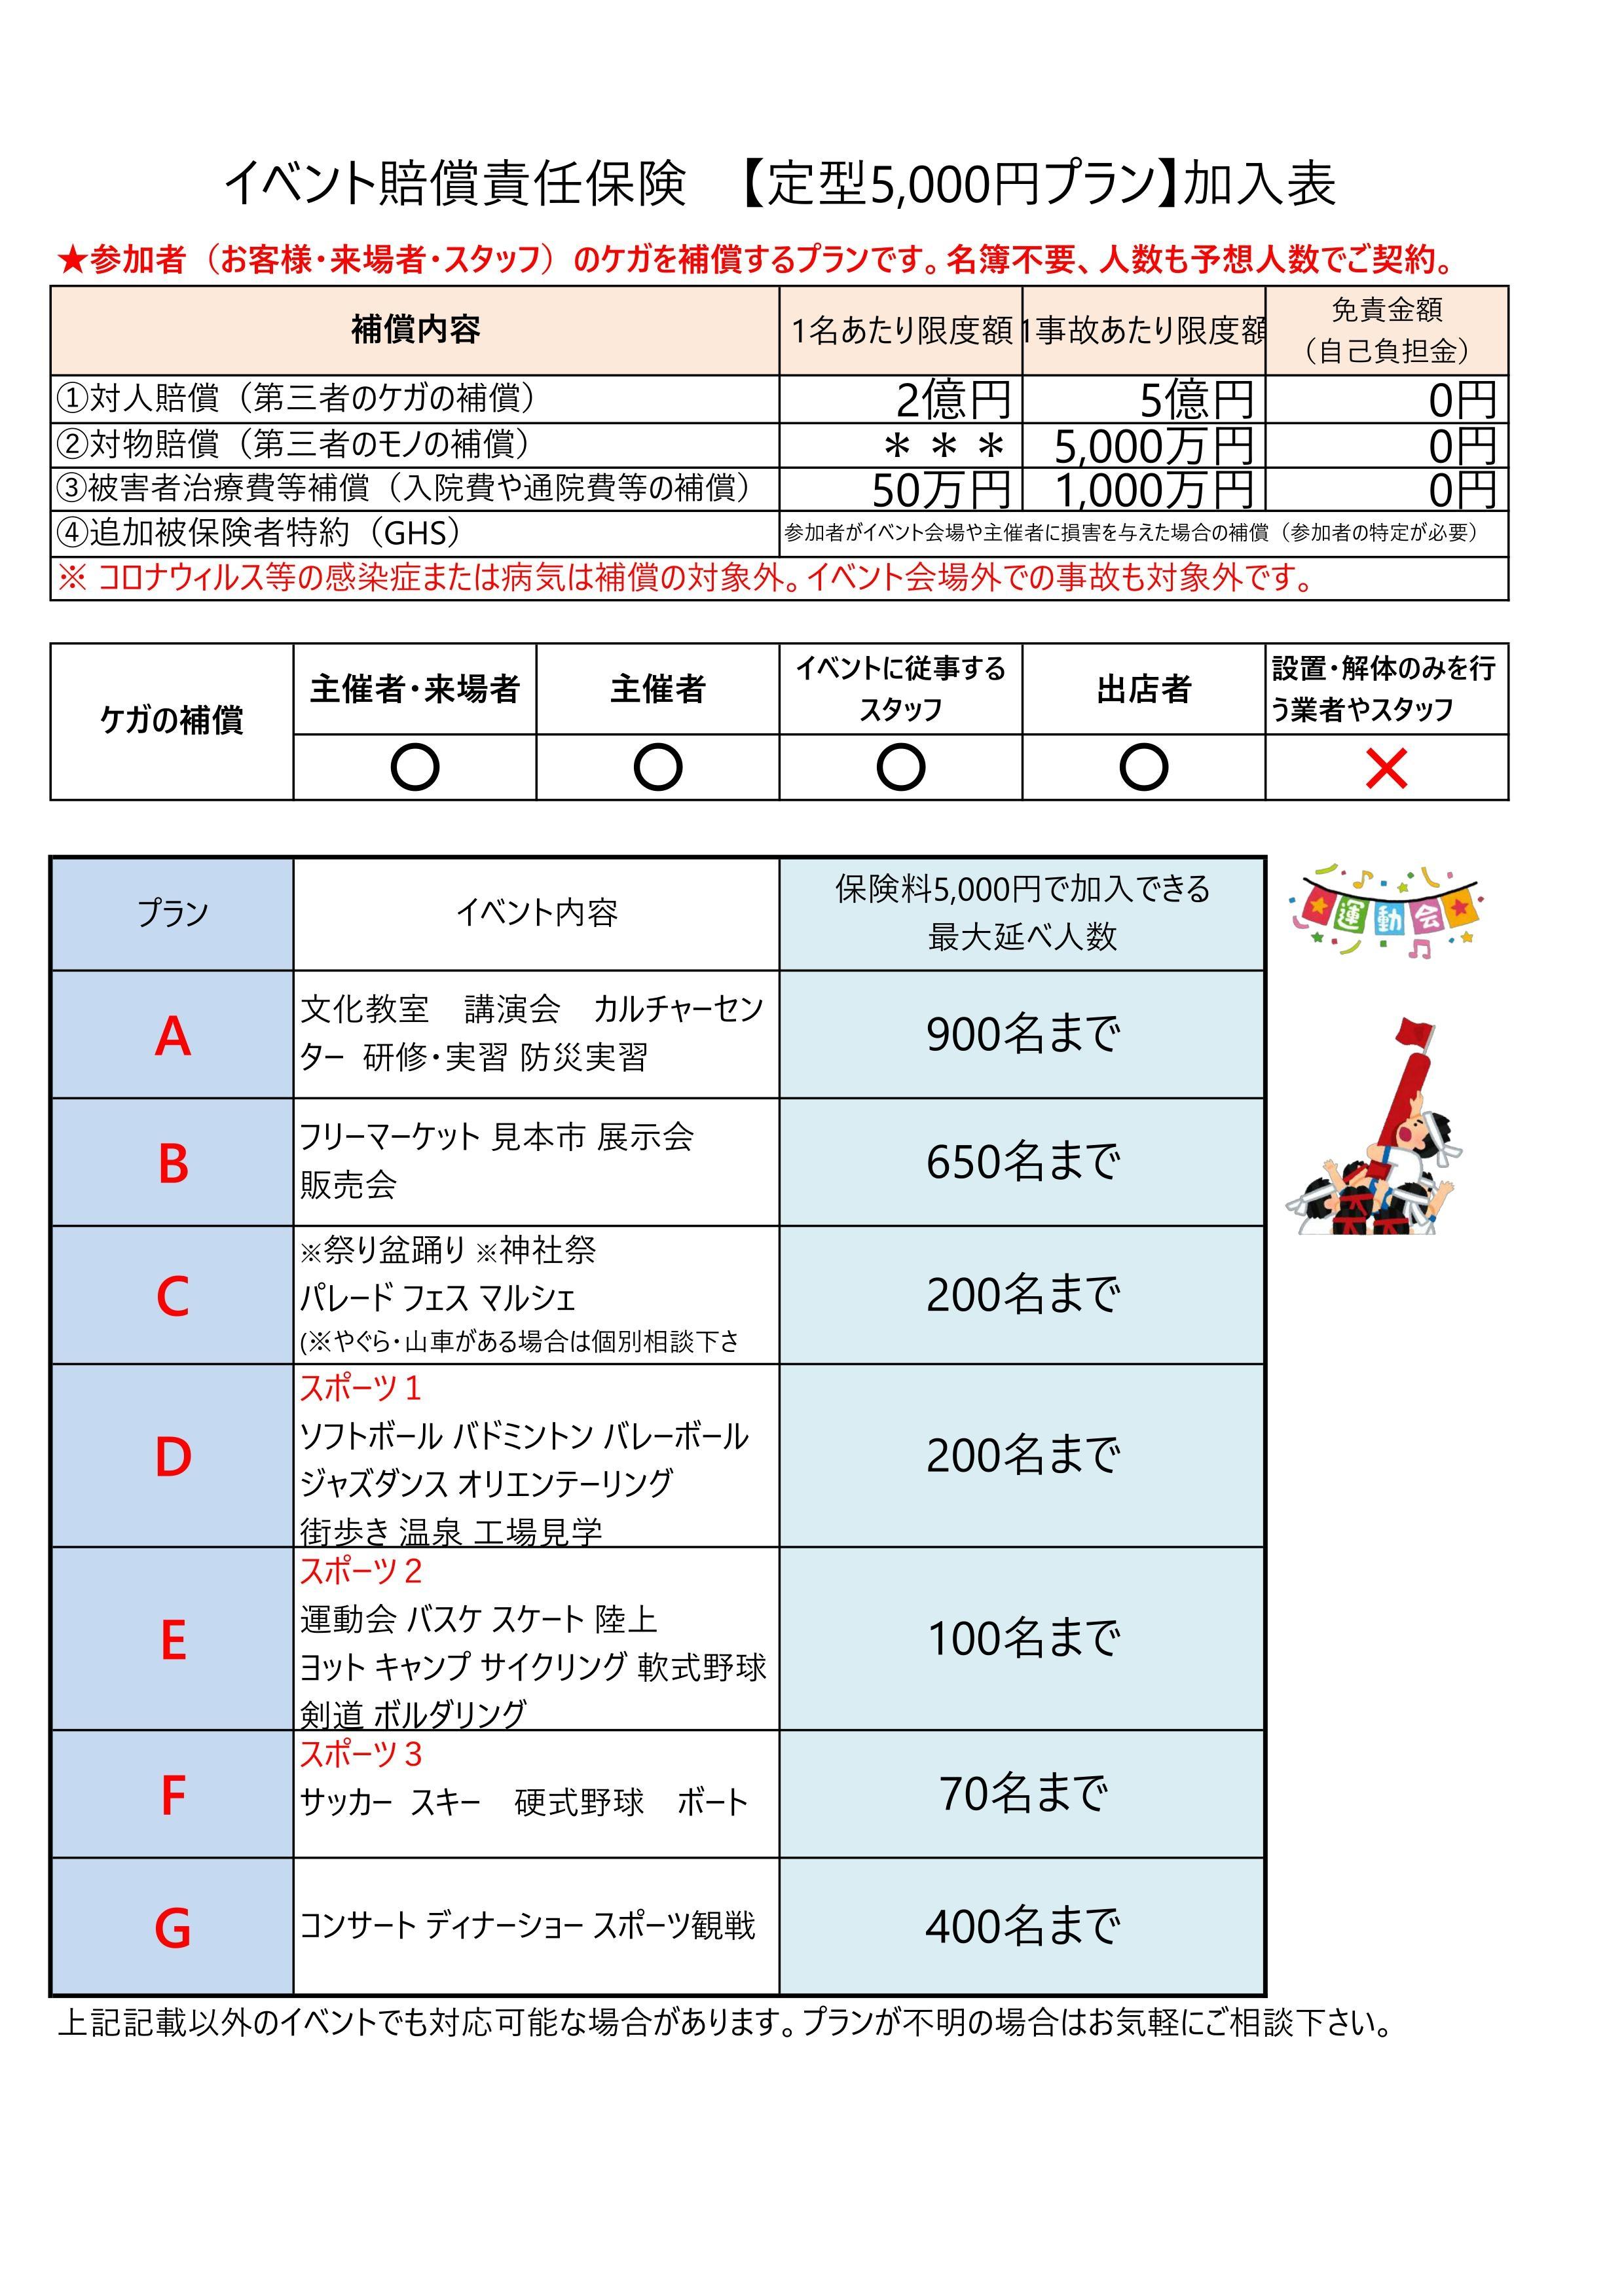 イベント賠償責任保険-定型5000円プラン-加入表